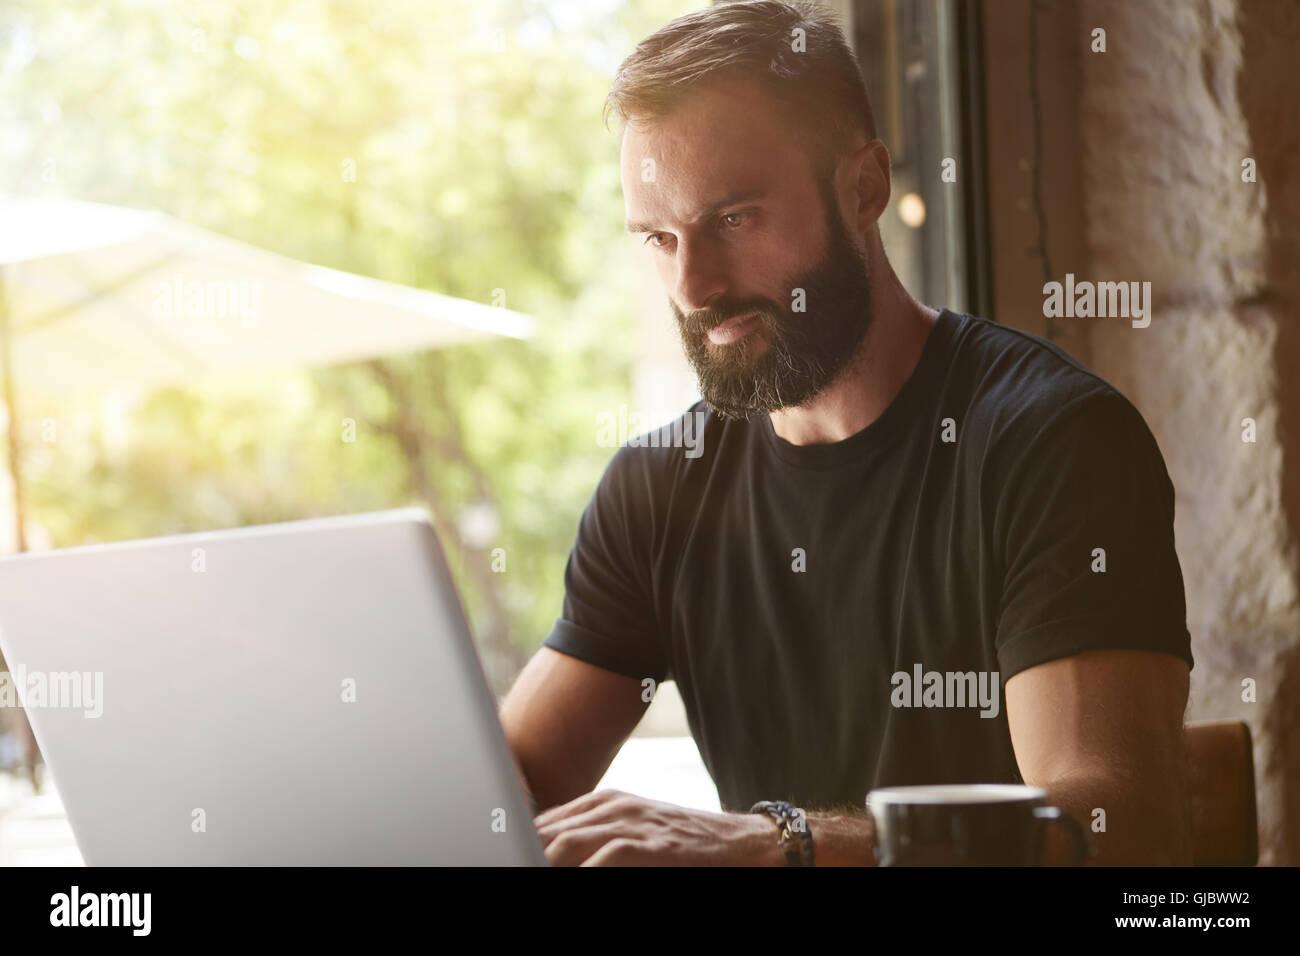 Bärtigen Mann tragen schwarze Tshirt Laptop Holztisch Urban Cafe.Young Manager arbeiten Notebook modernes Interior Stockbild